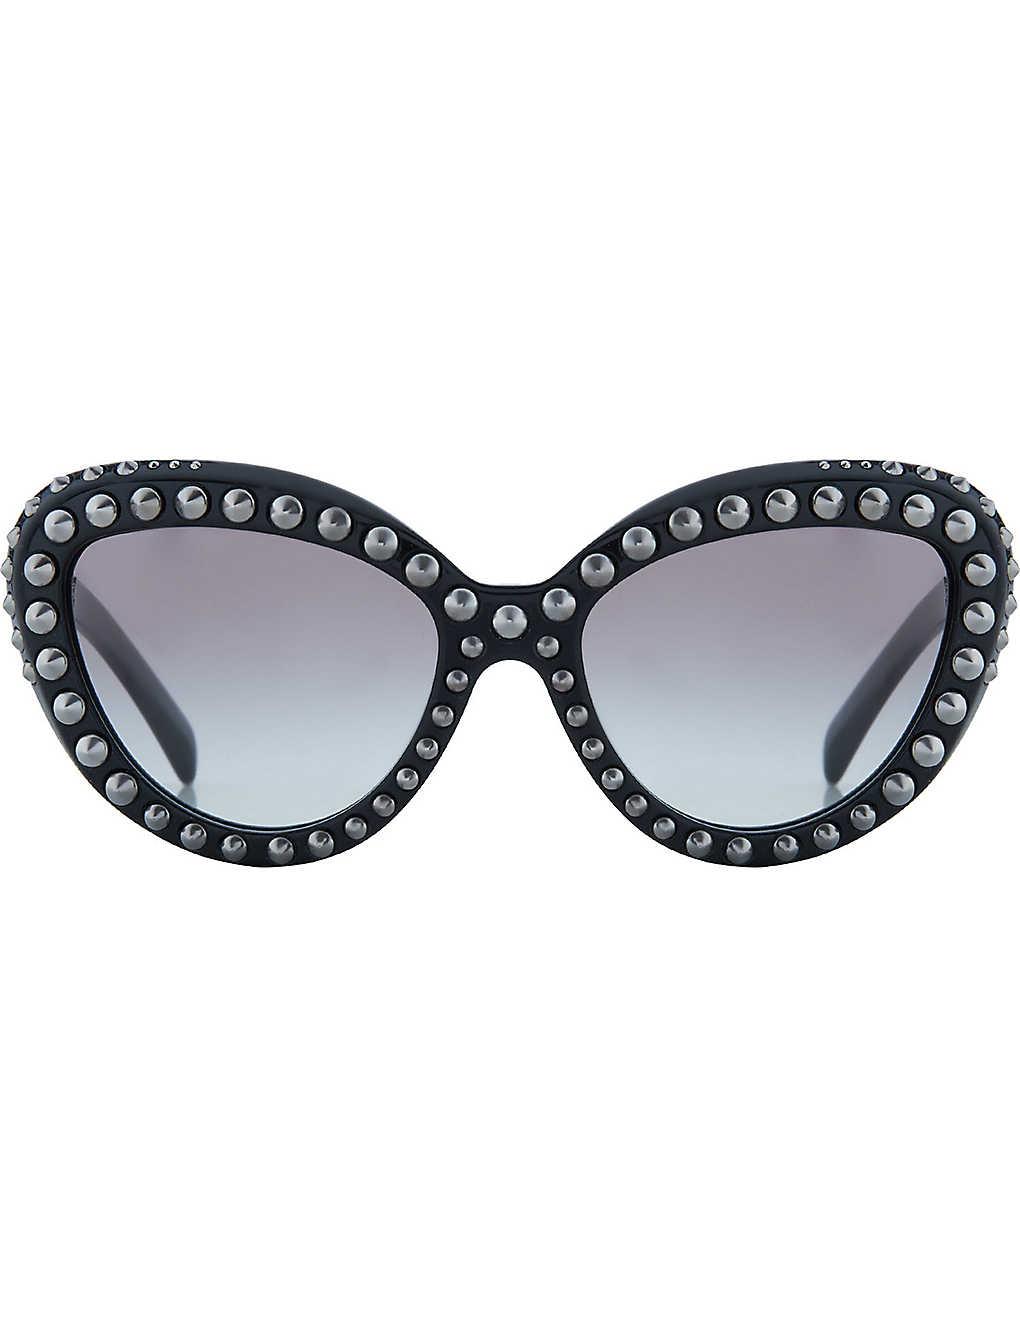 a90e170b5406 PRADA - PR31Q studded cat eye sunglasses | Selfridges.com